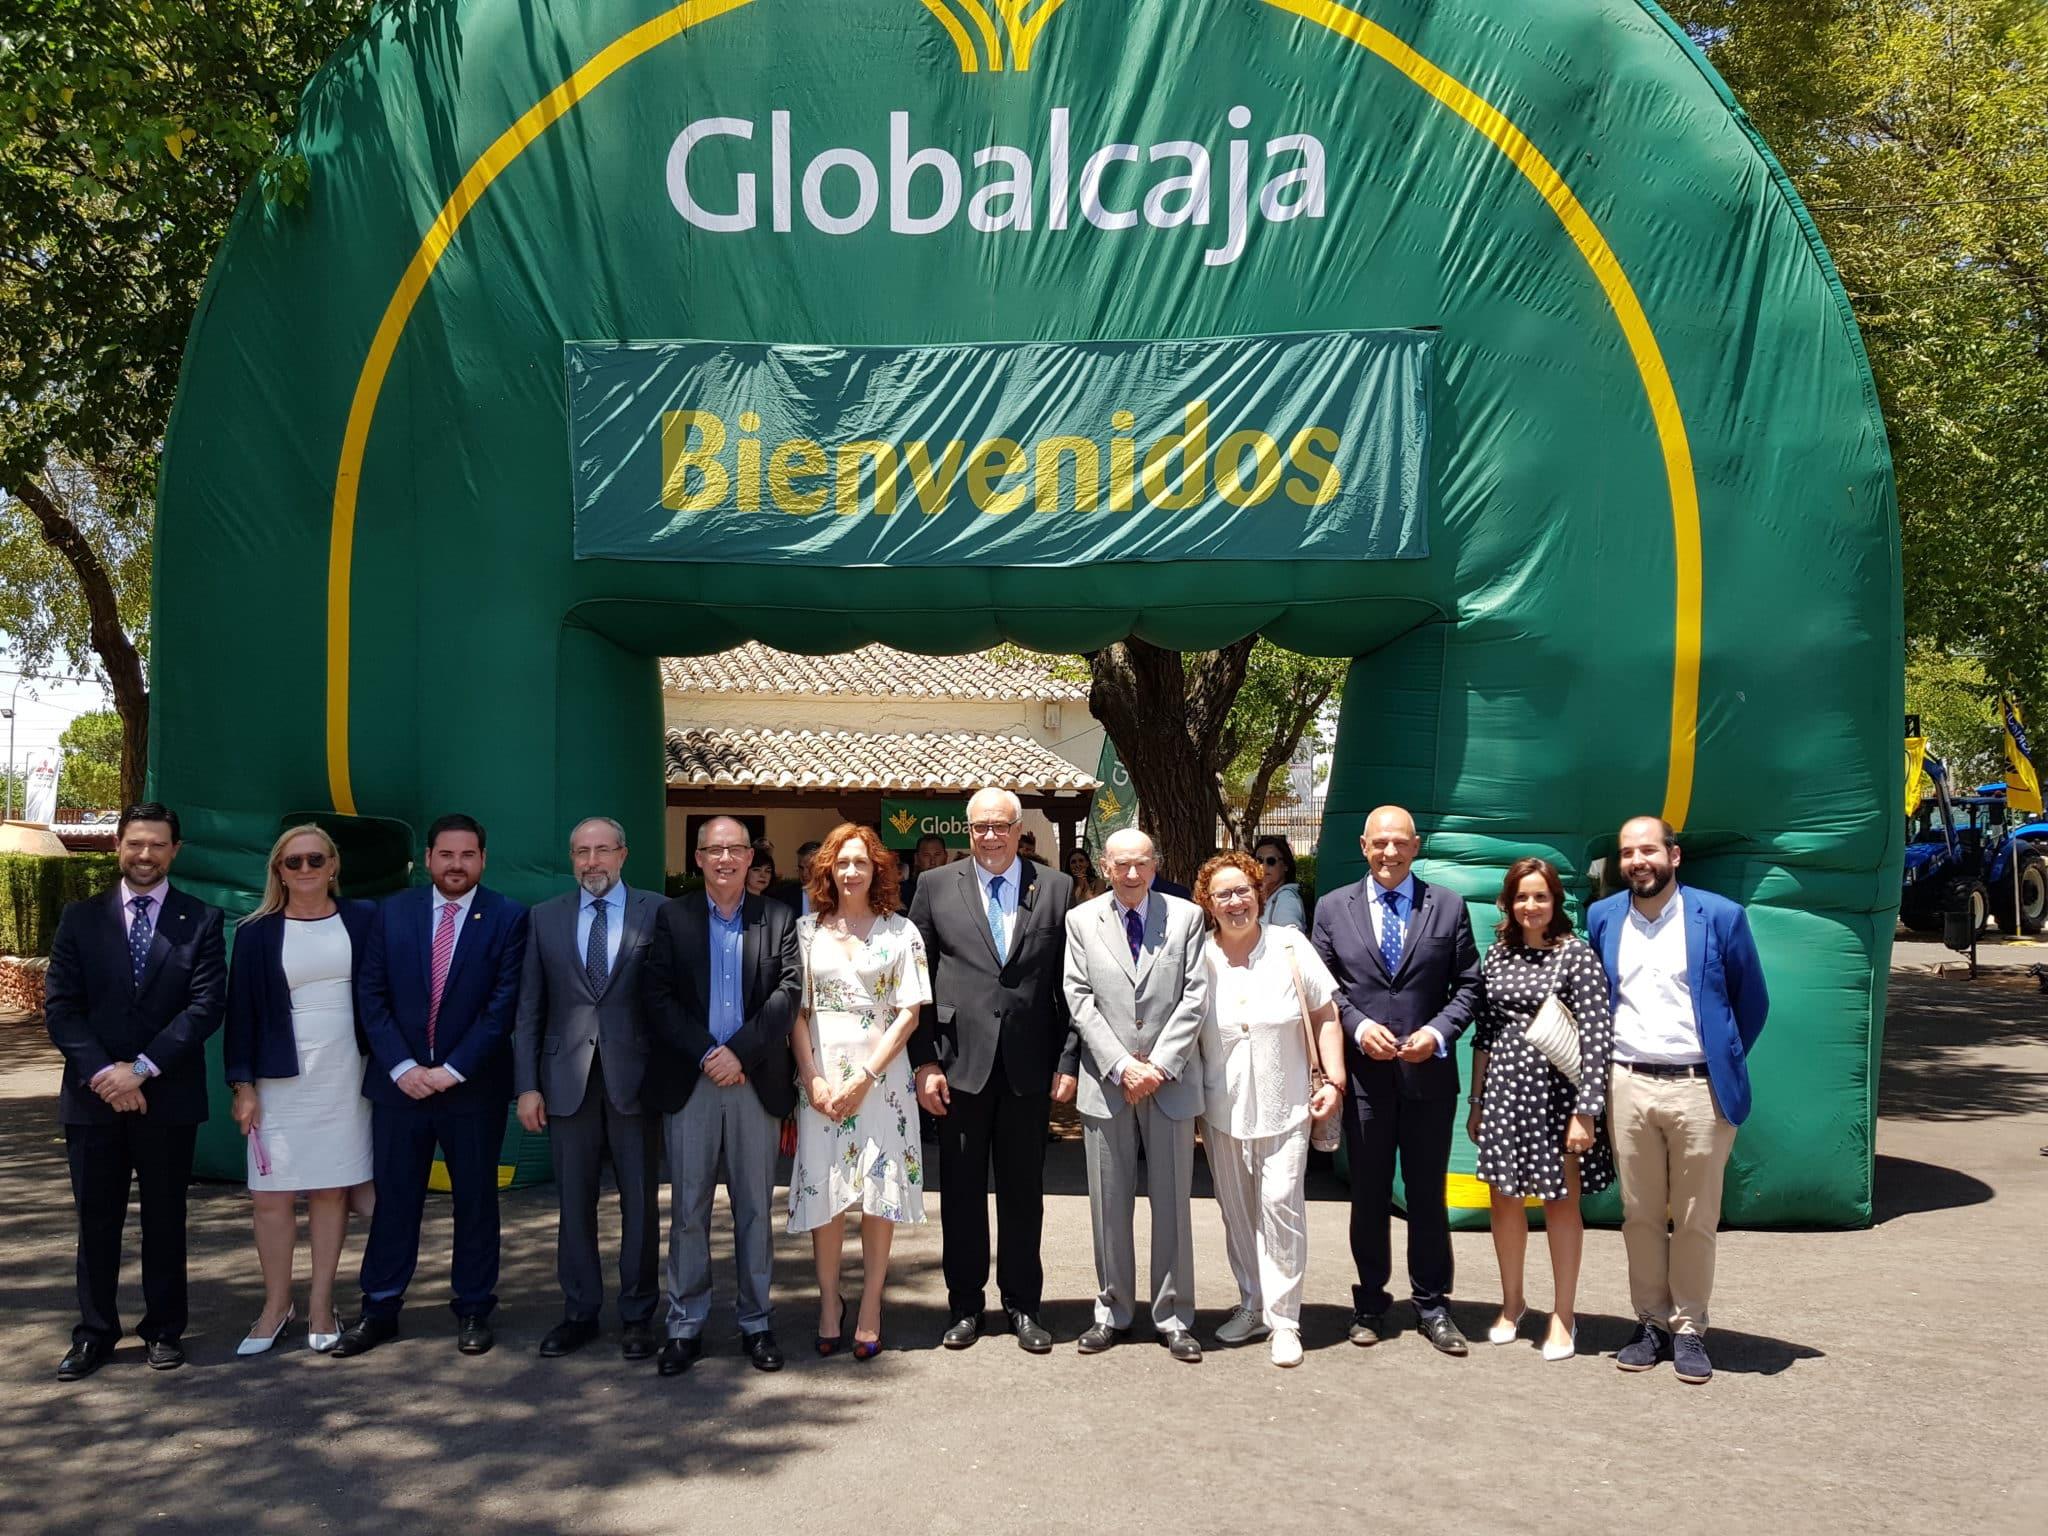 https://blog.globalcaja.es/wp-content/uploads/2019/07/59-edicion-de-Fercam.jpg